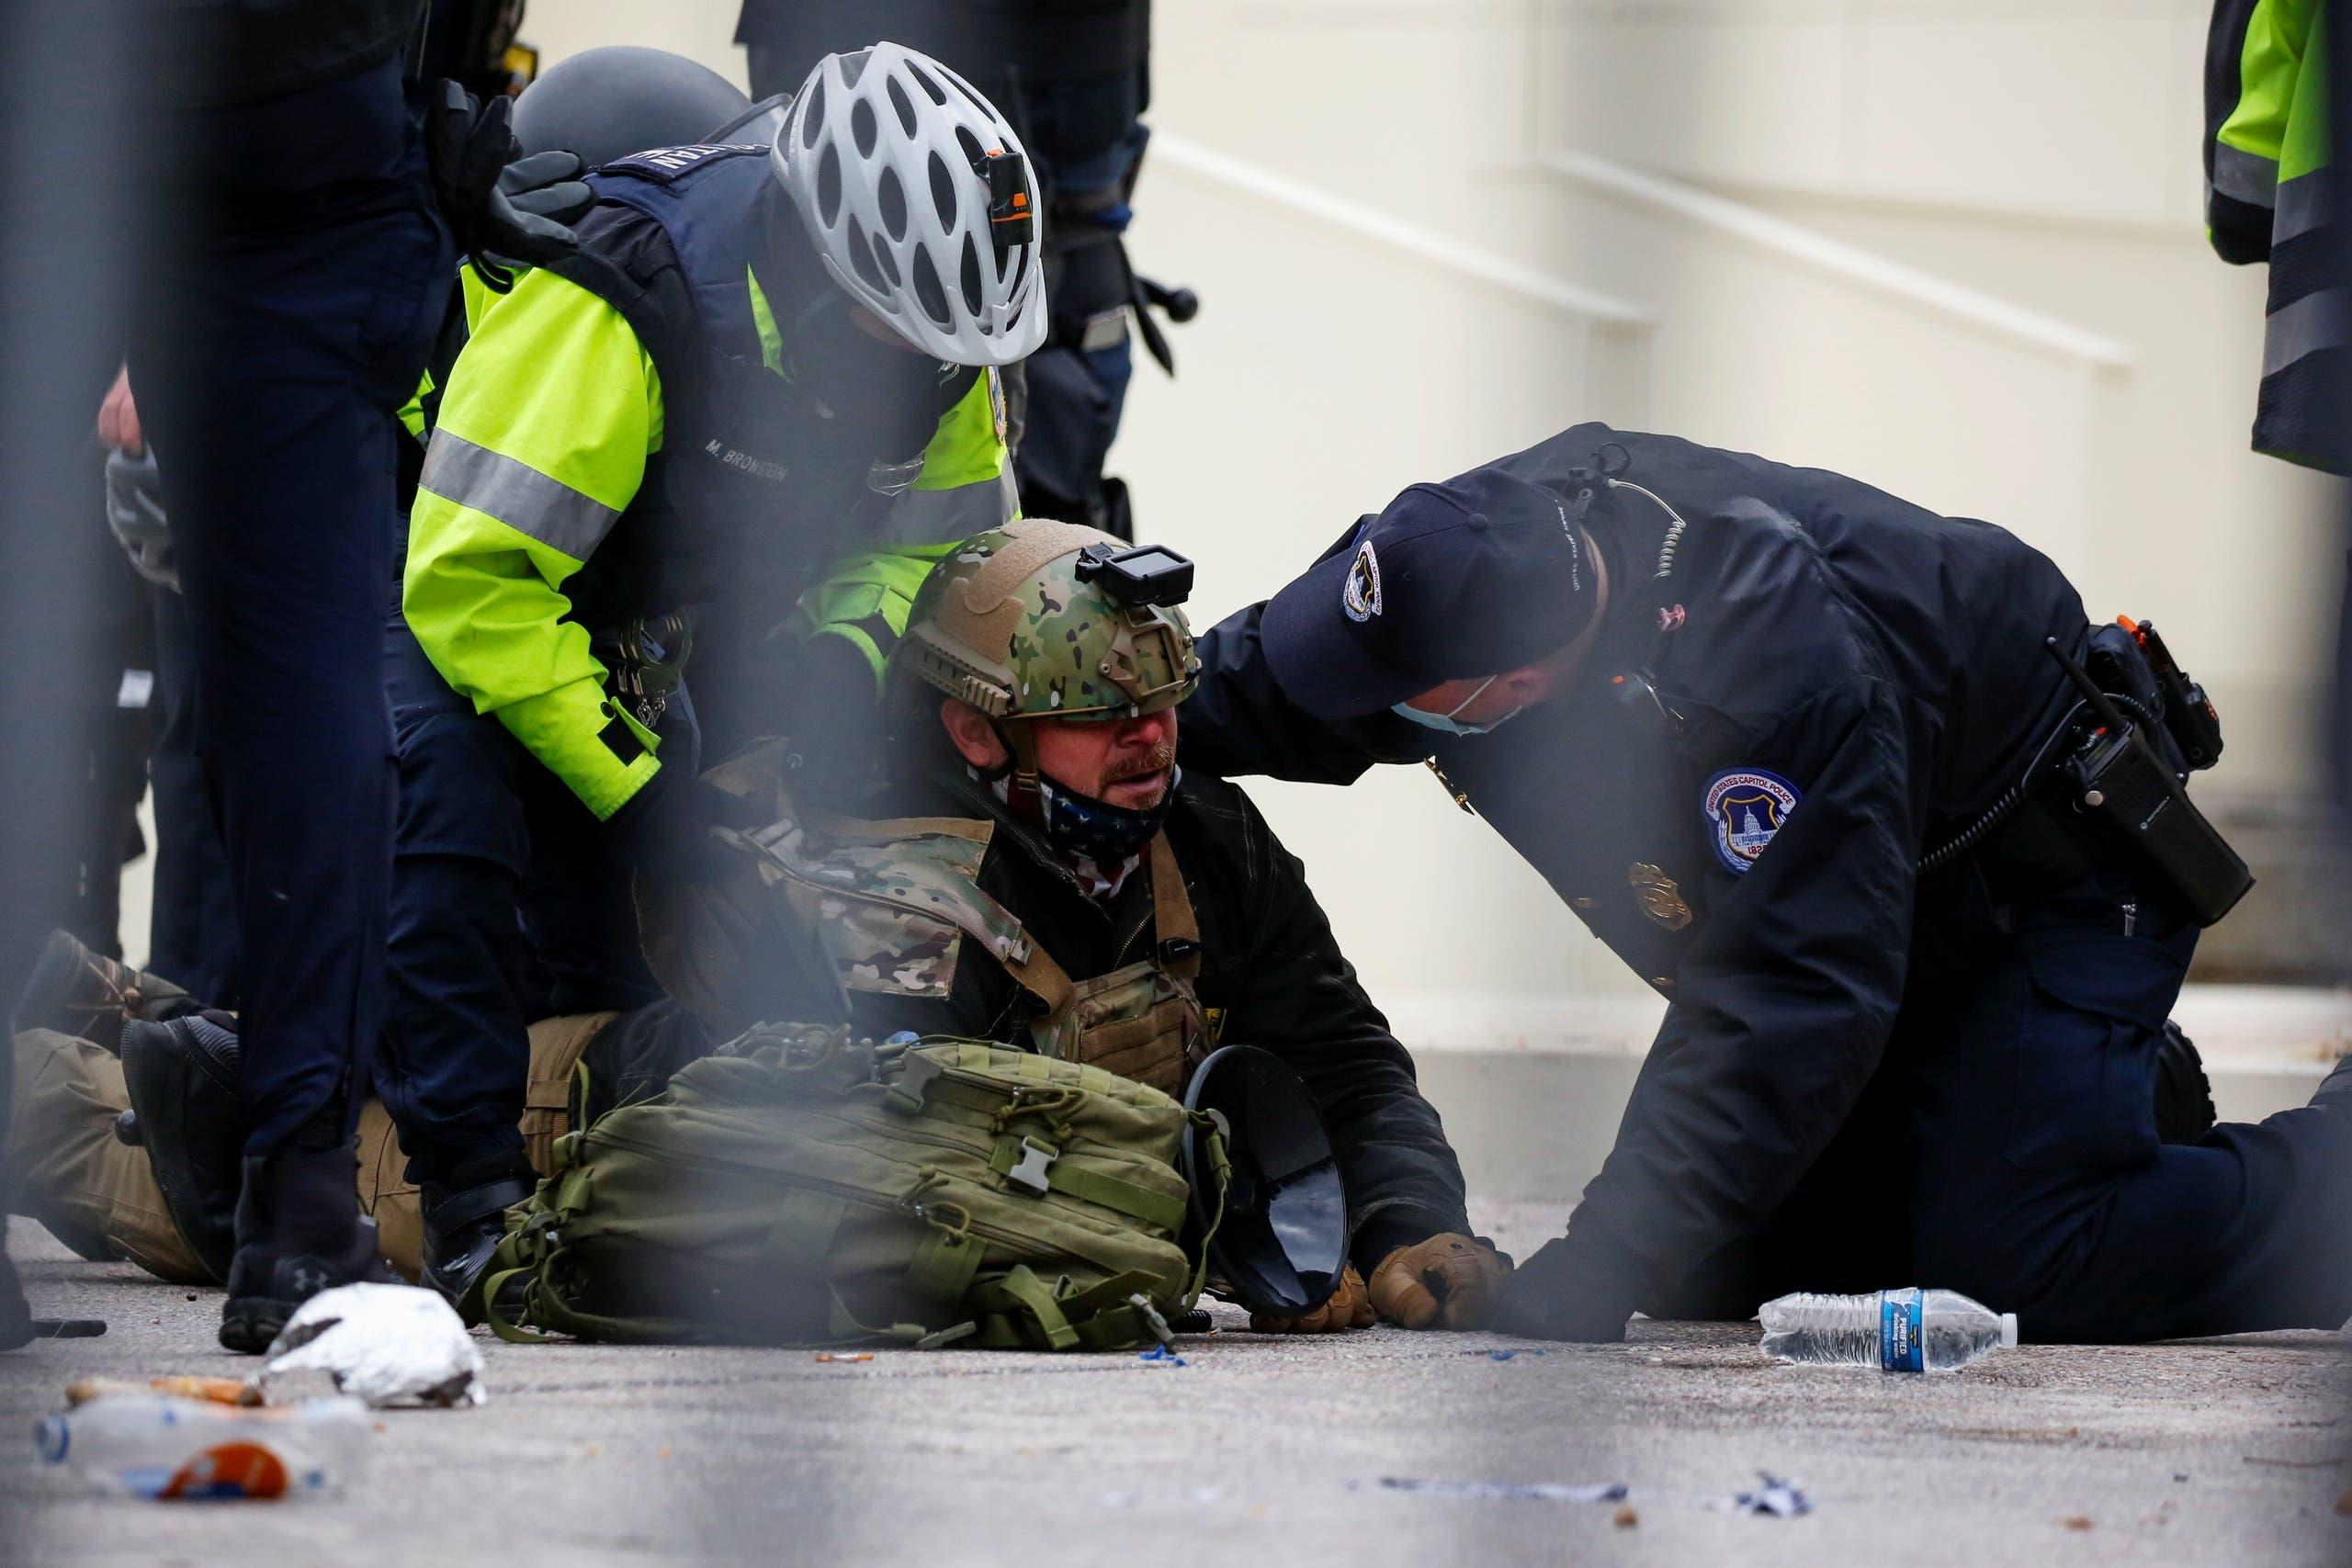 إصابة شرطي بأعمال الشغب في محيط الكابيتول (رويترز)